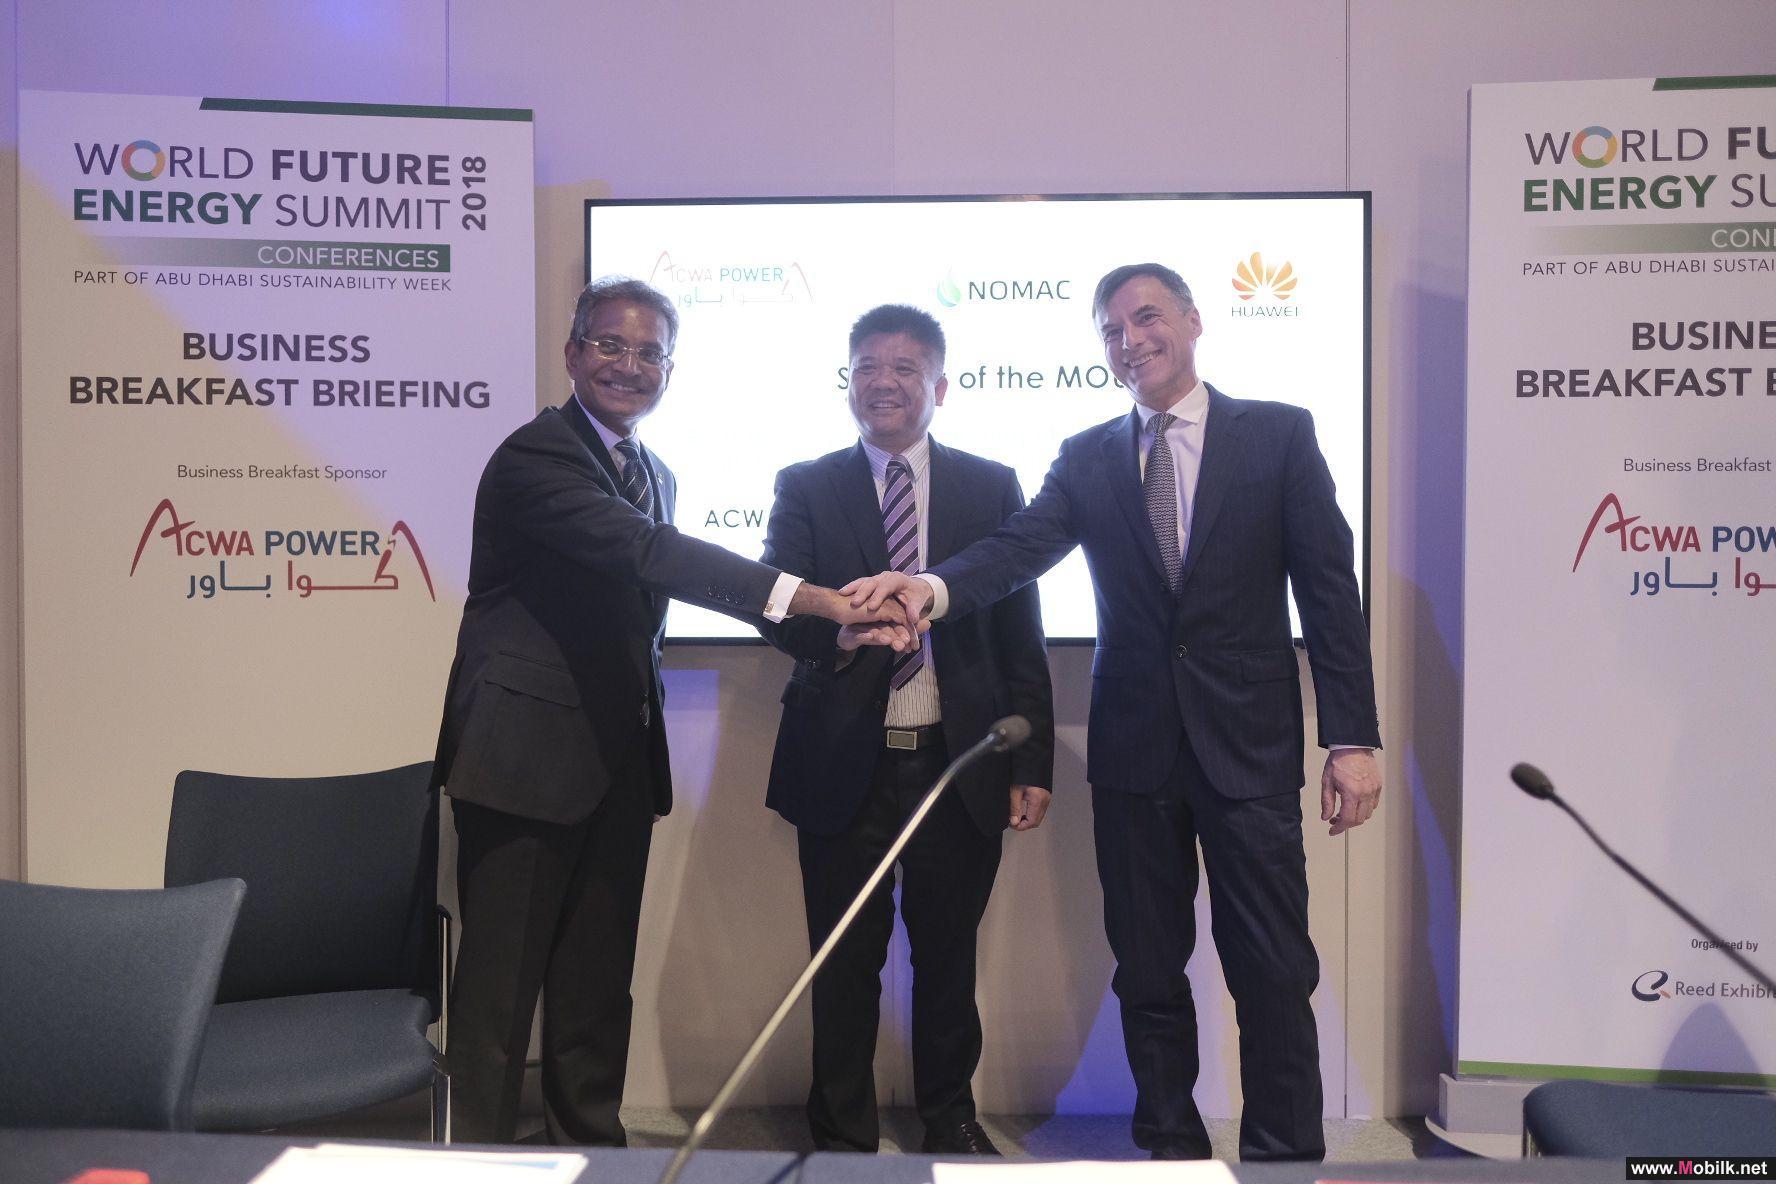 أكوا باور وهواوي تطلقان برنامج لتعزيز كفاءة محطات الطاقة الشمسية